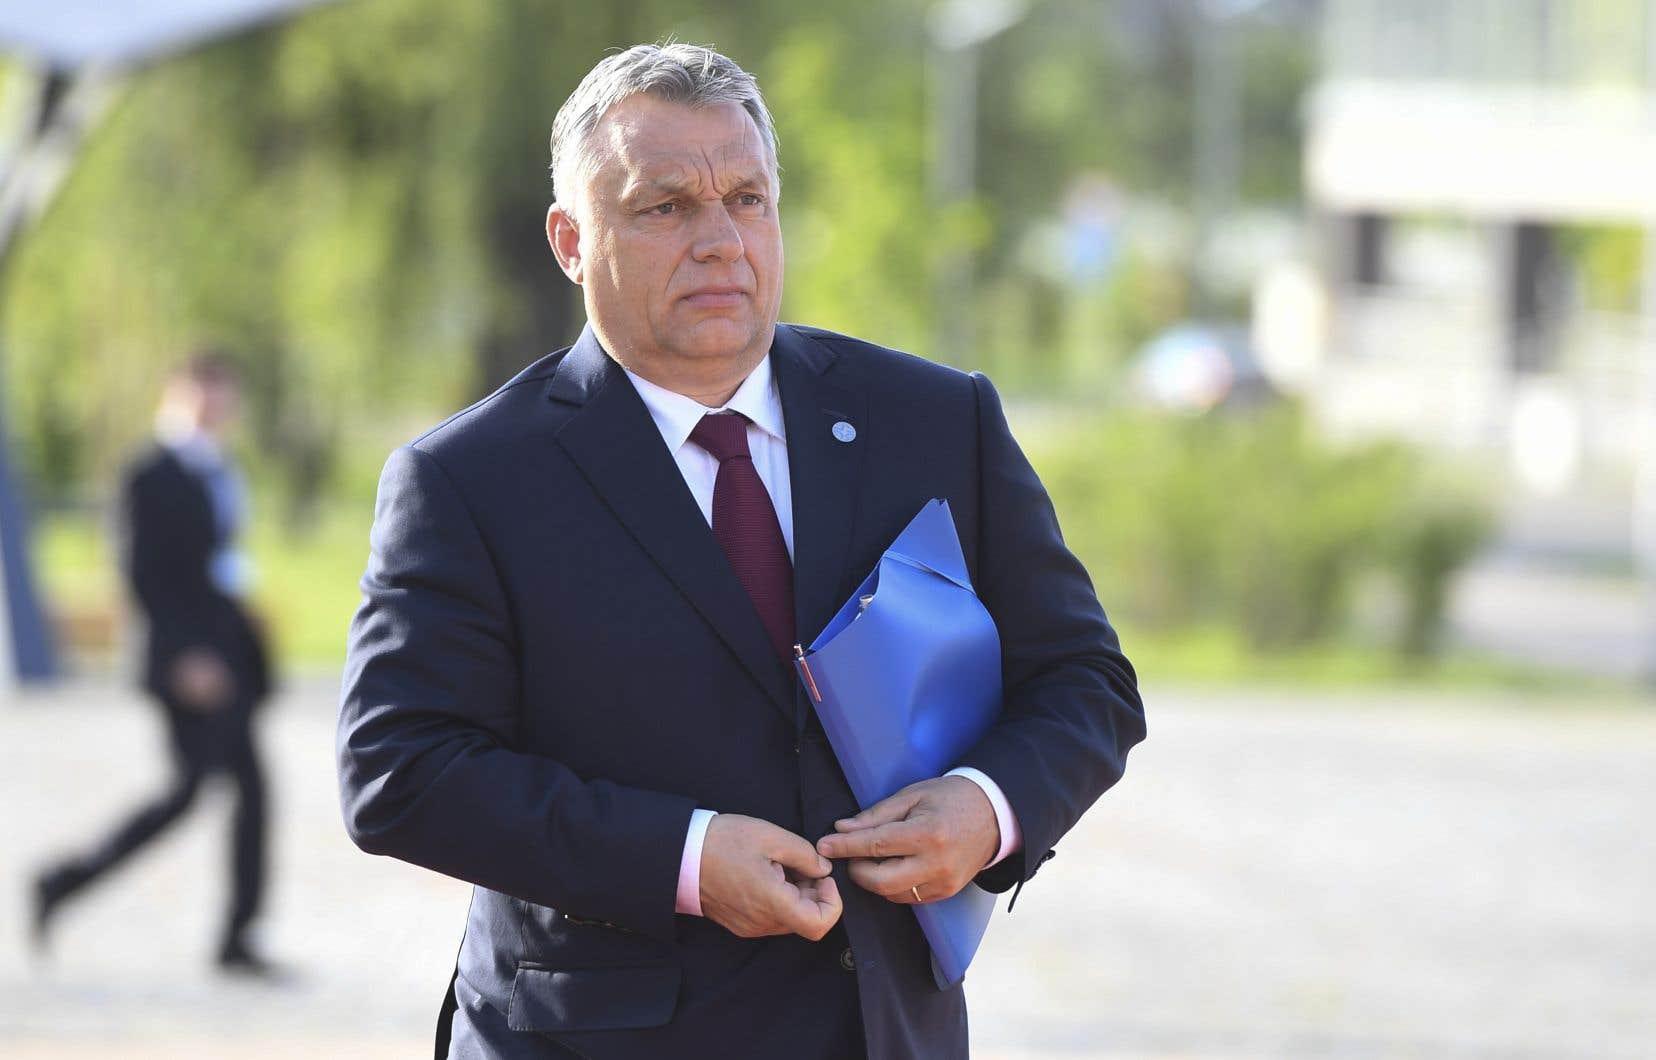 M. Orban est accusé d'avoir attisé l'antisémitisme en Hongrie lors de la campagne lancée contre le milliardaire juif américain d'origine hongroise George Soros.